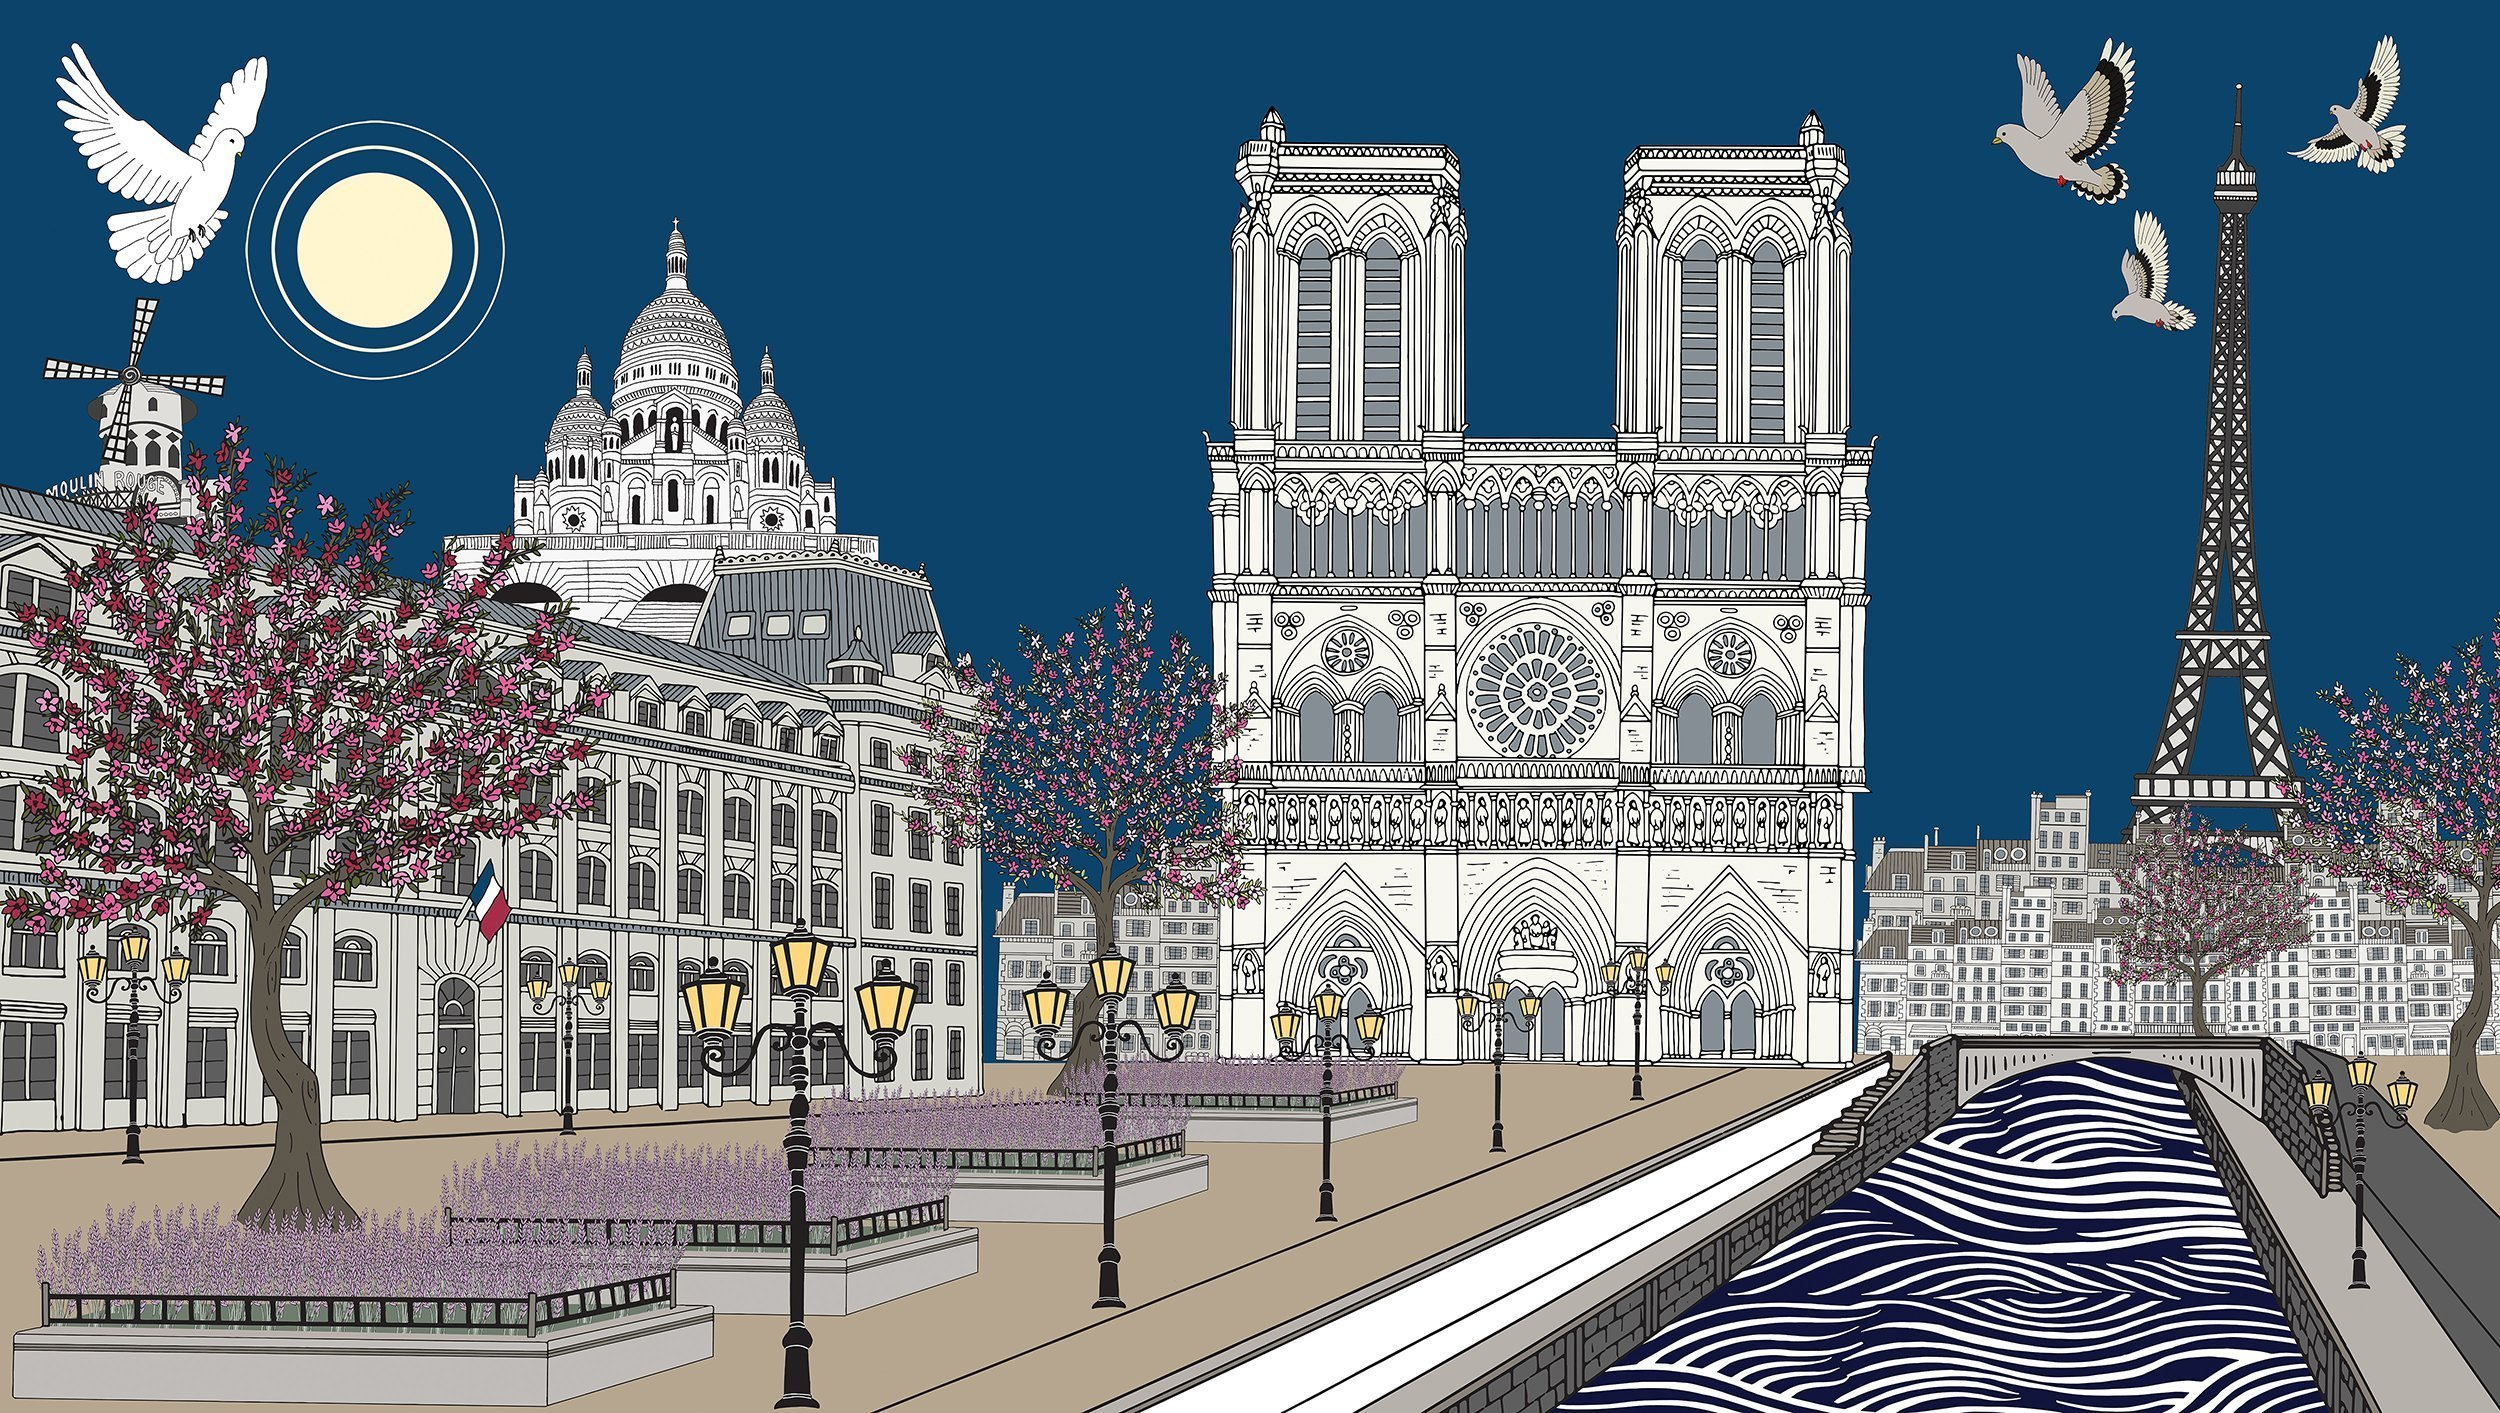 The Tale of Notre-Dame de Paris Acrylic and pigment on canvas, 2019 - 230cm x 130cm - ¥188800 Limited edition print:105cm x 60cm ¥6500